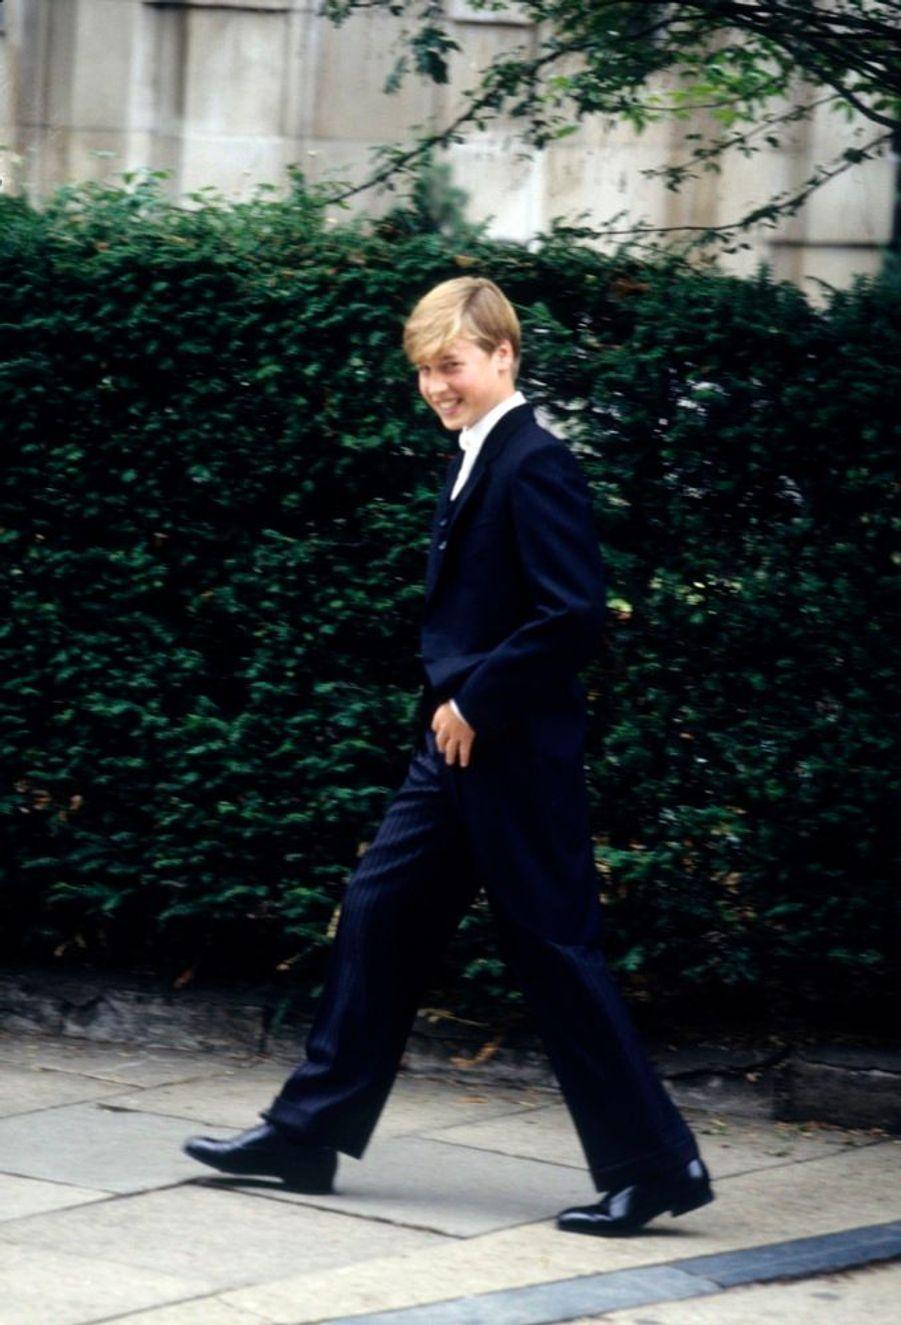 Le prince William lors de son premier jour au Collège d'Eton, en Angleterre, en septembre 1995.